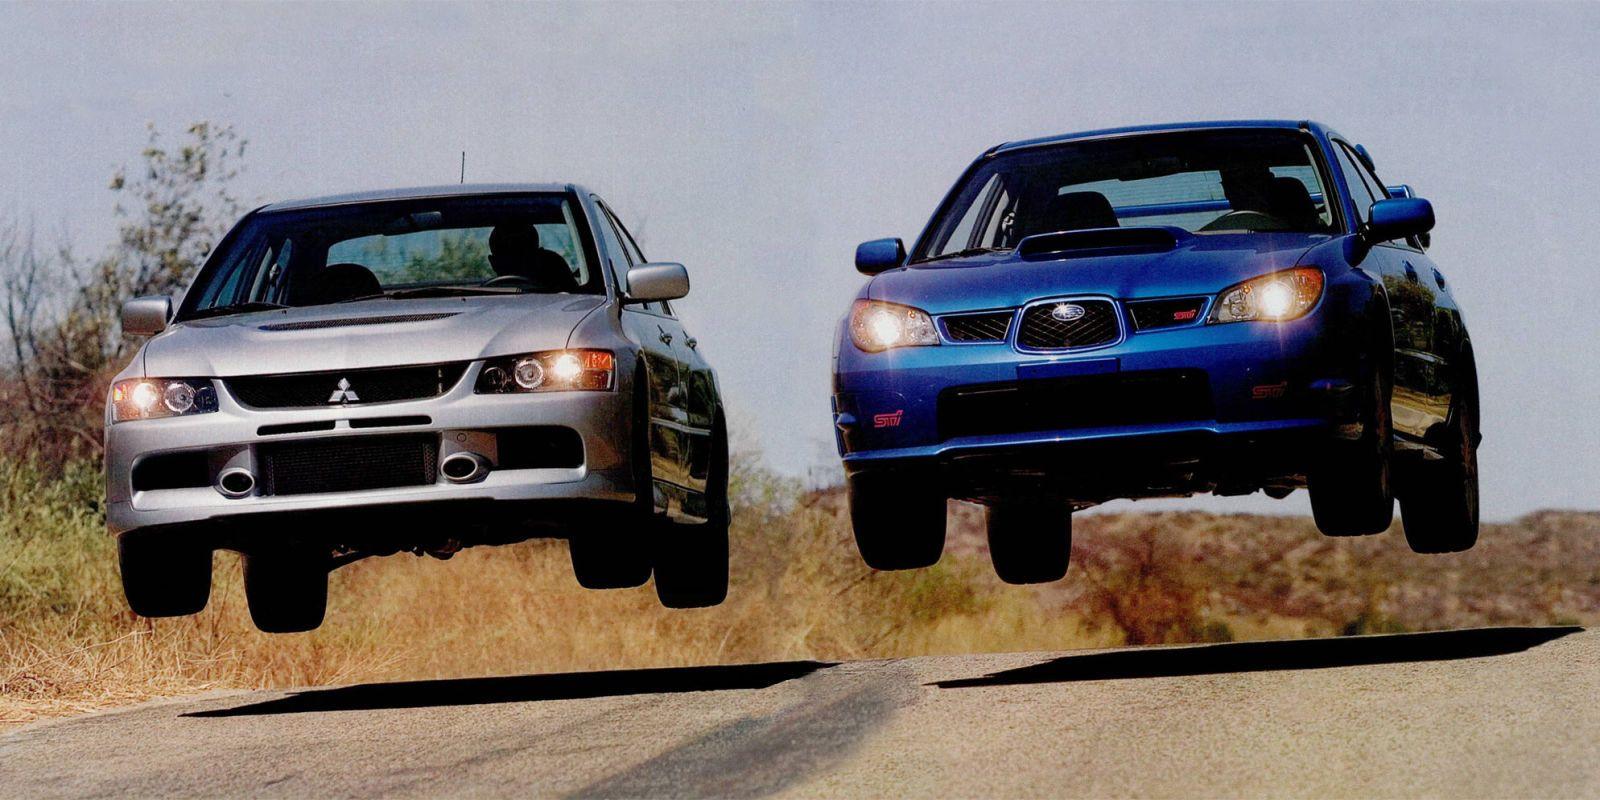 Mitsubishi Evo Ix Mr Vs Subaru Impreza Wrx Sti Which Is Better. Mitsubishi. 2005 Mitsubishi Lancer Evolution Parts Diagram At Scoala.co